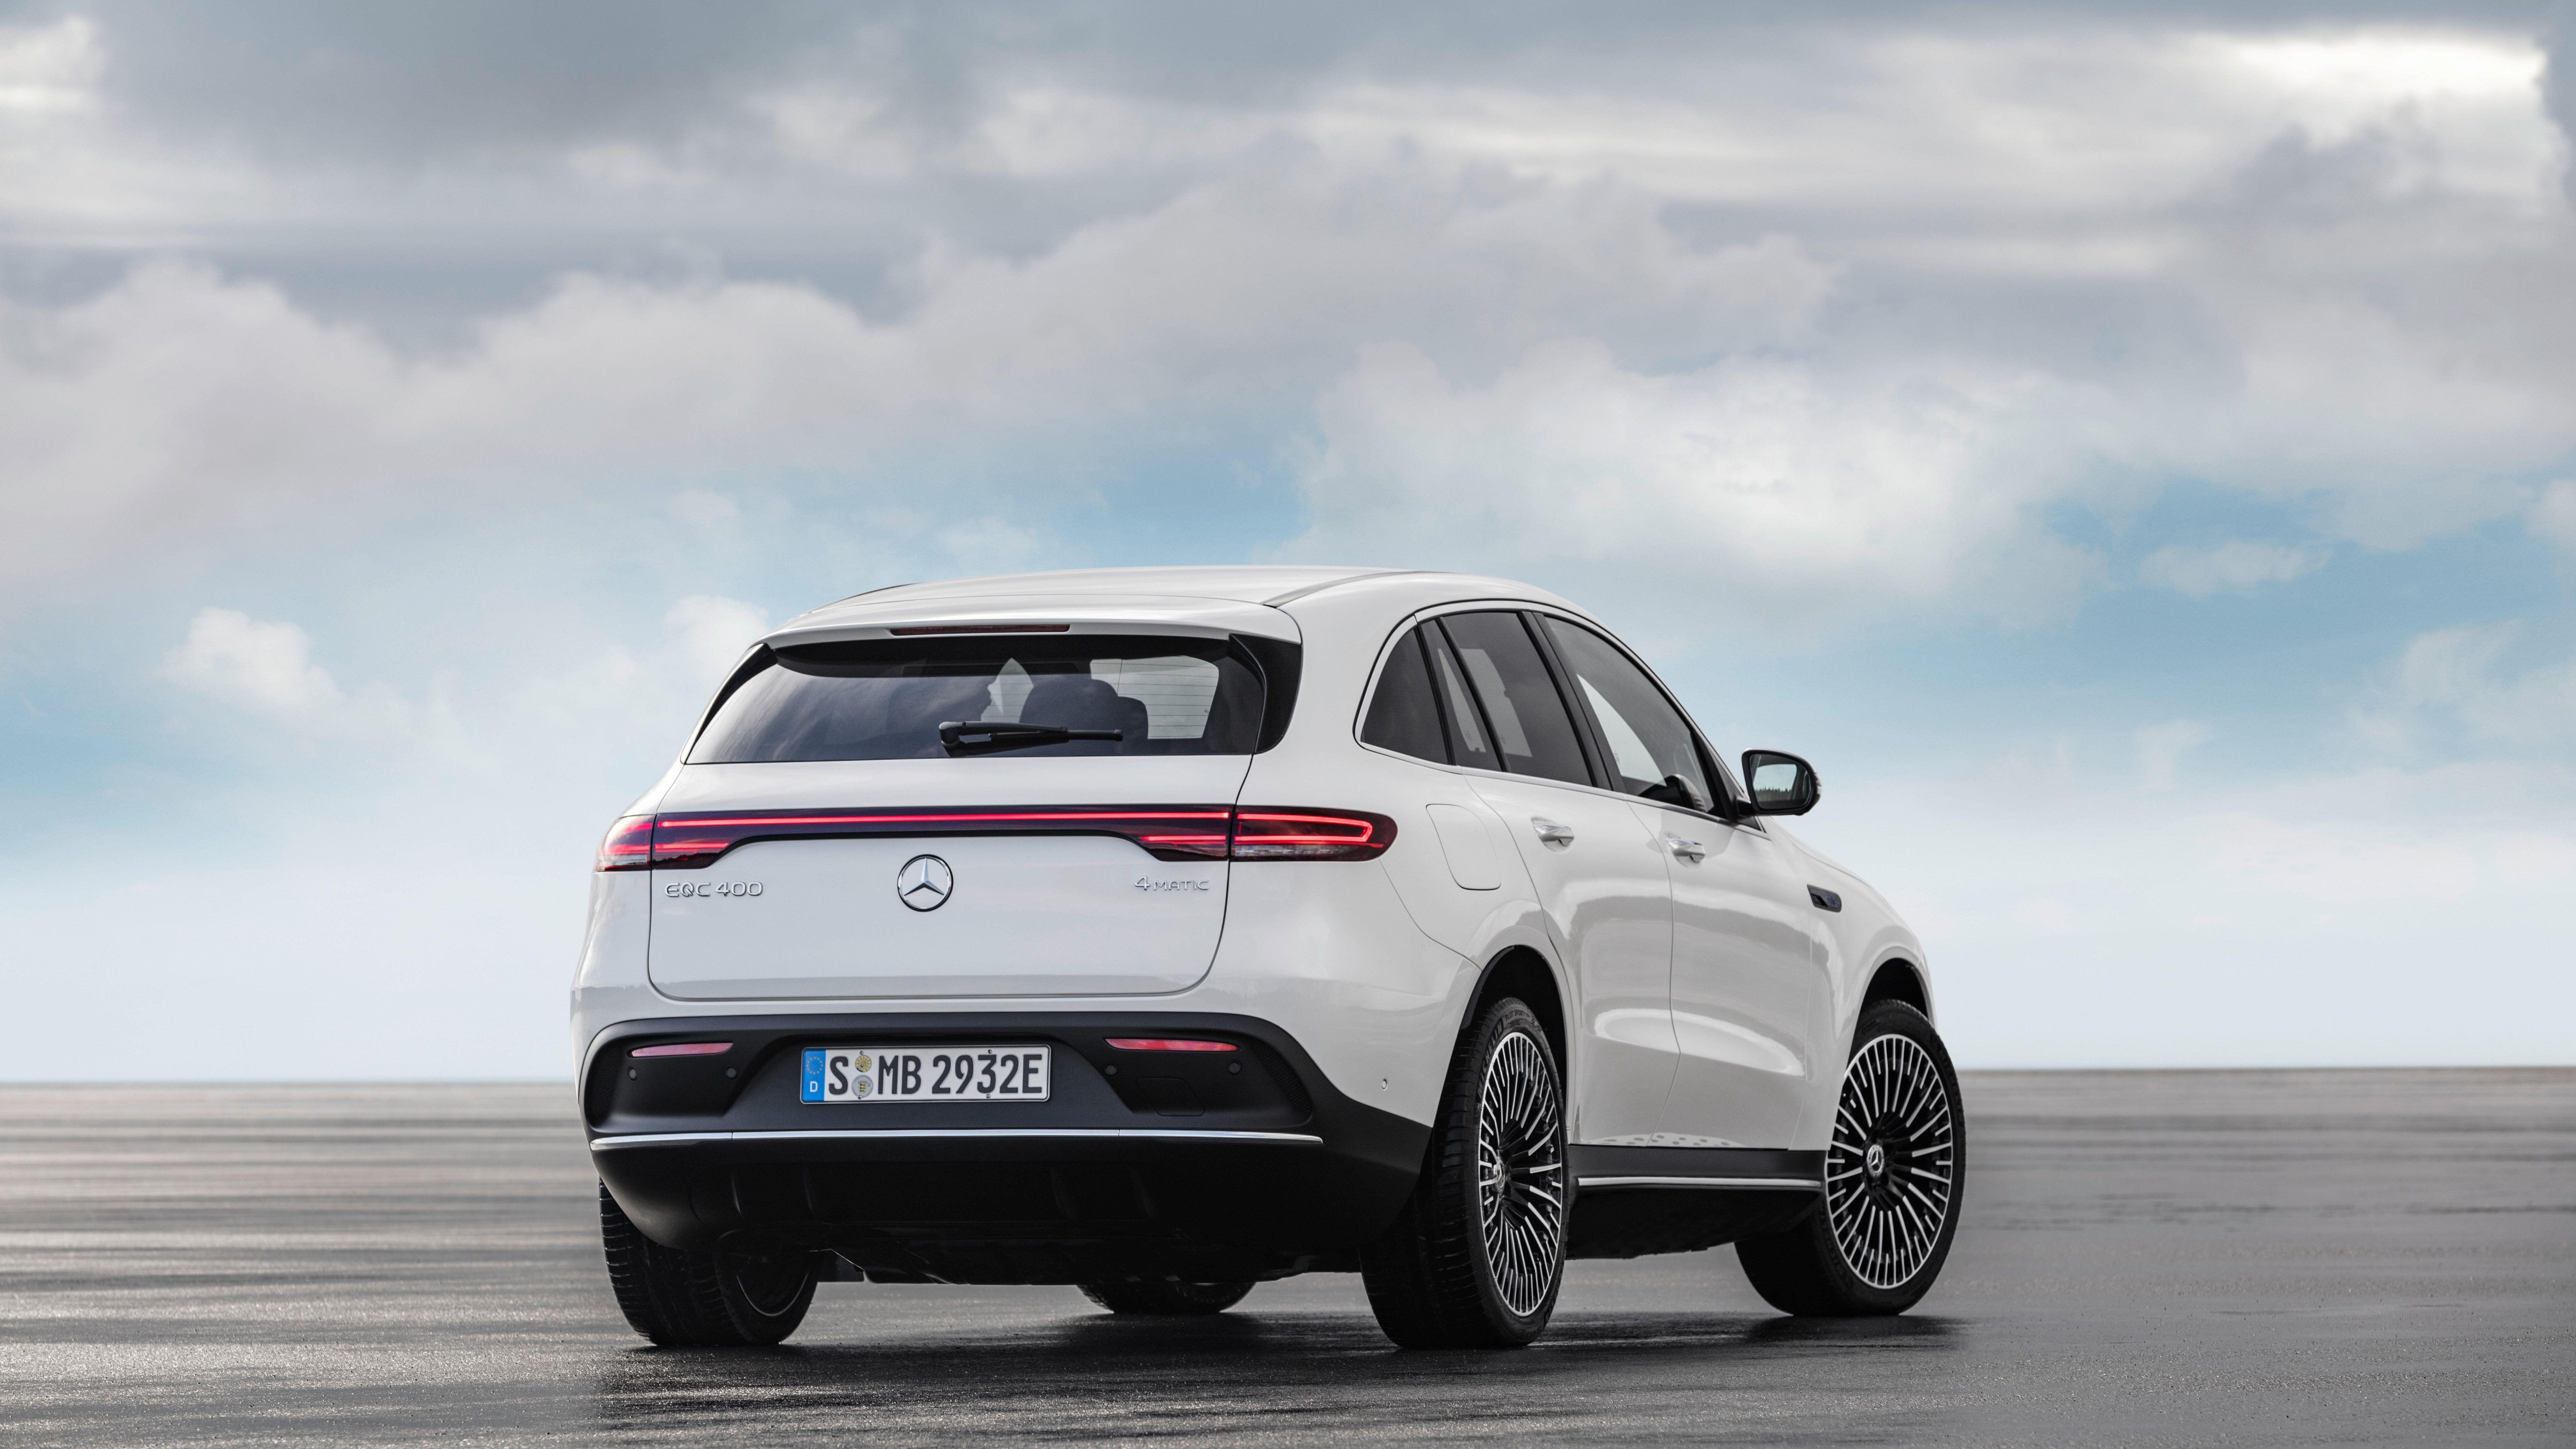 Mercedes Benz Eqc Suv 2020 Cars Electric Cars 8k 8k Wallpaper